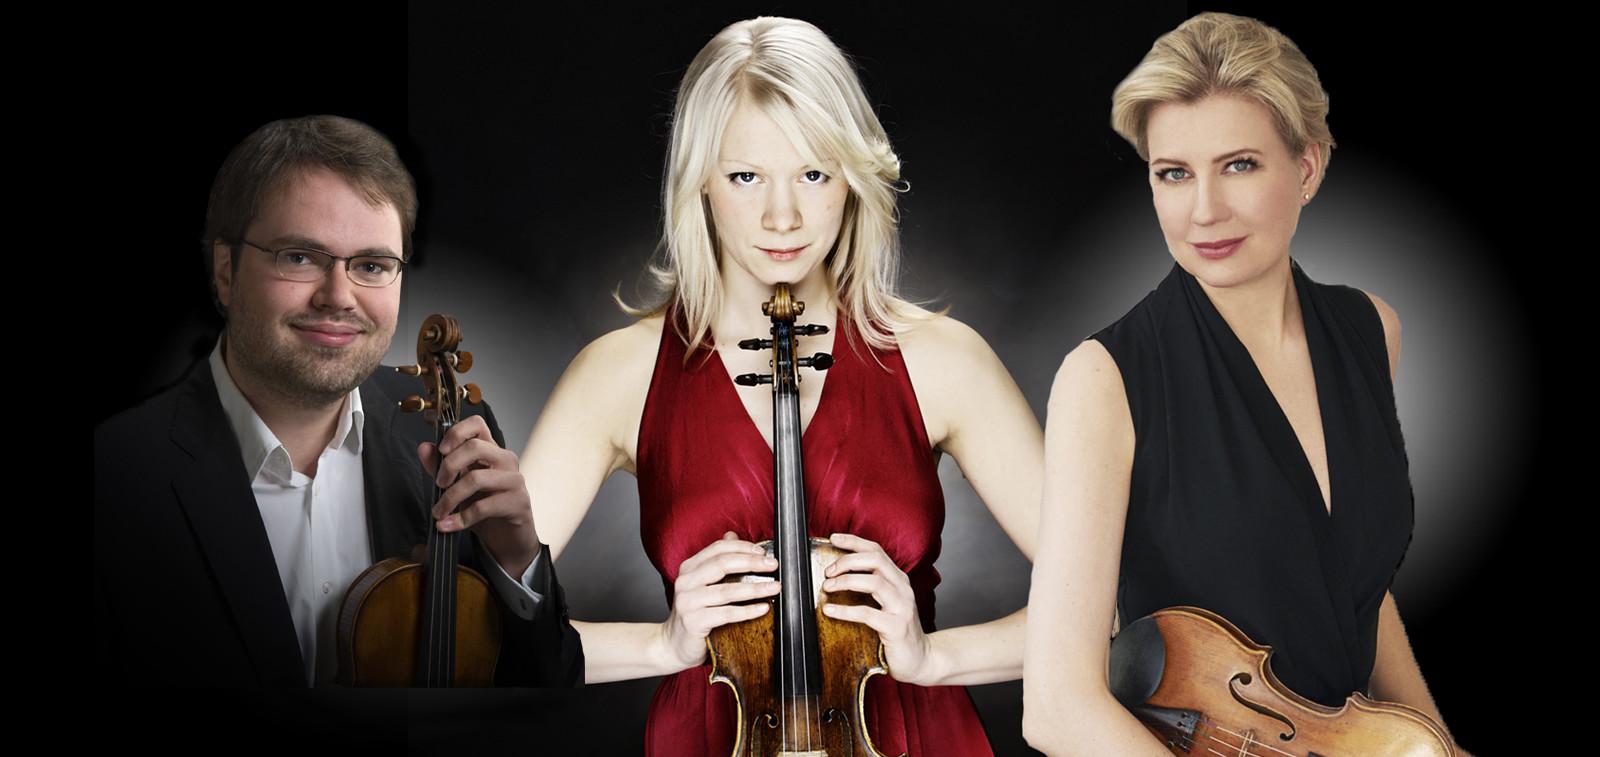 Viulistit Petteri Iivonen, Kreeta-Julia Heikkilä ja Elina Vähälä